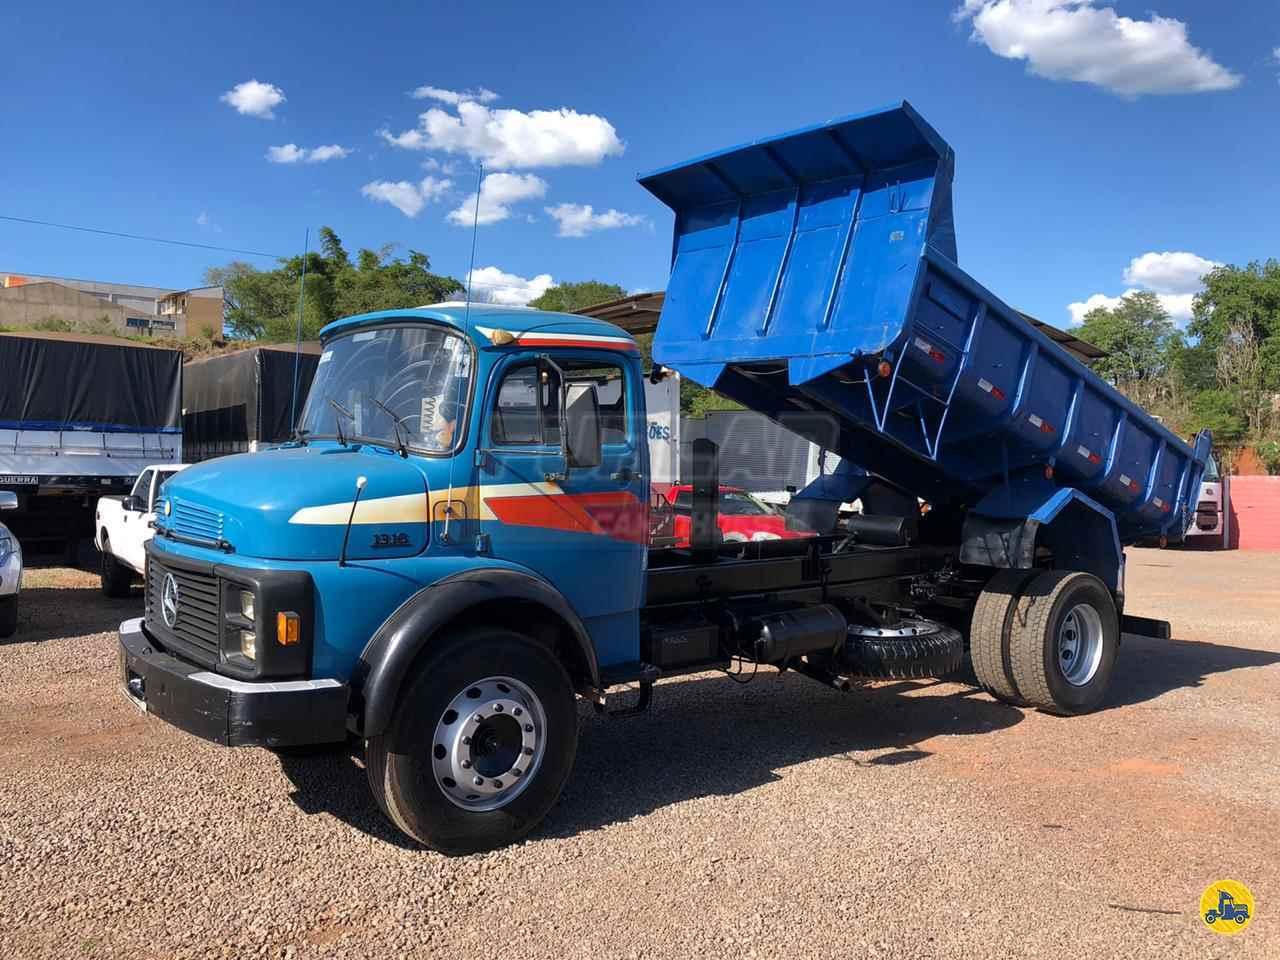 CAMINHAO MERCEDES-BENZ MB 1316 Caçamba Basculante Toco 4x2 Furlan Caminhões UMUARAMA PARANÁ PR